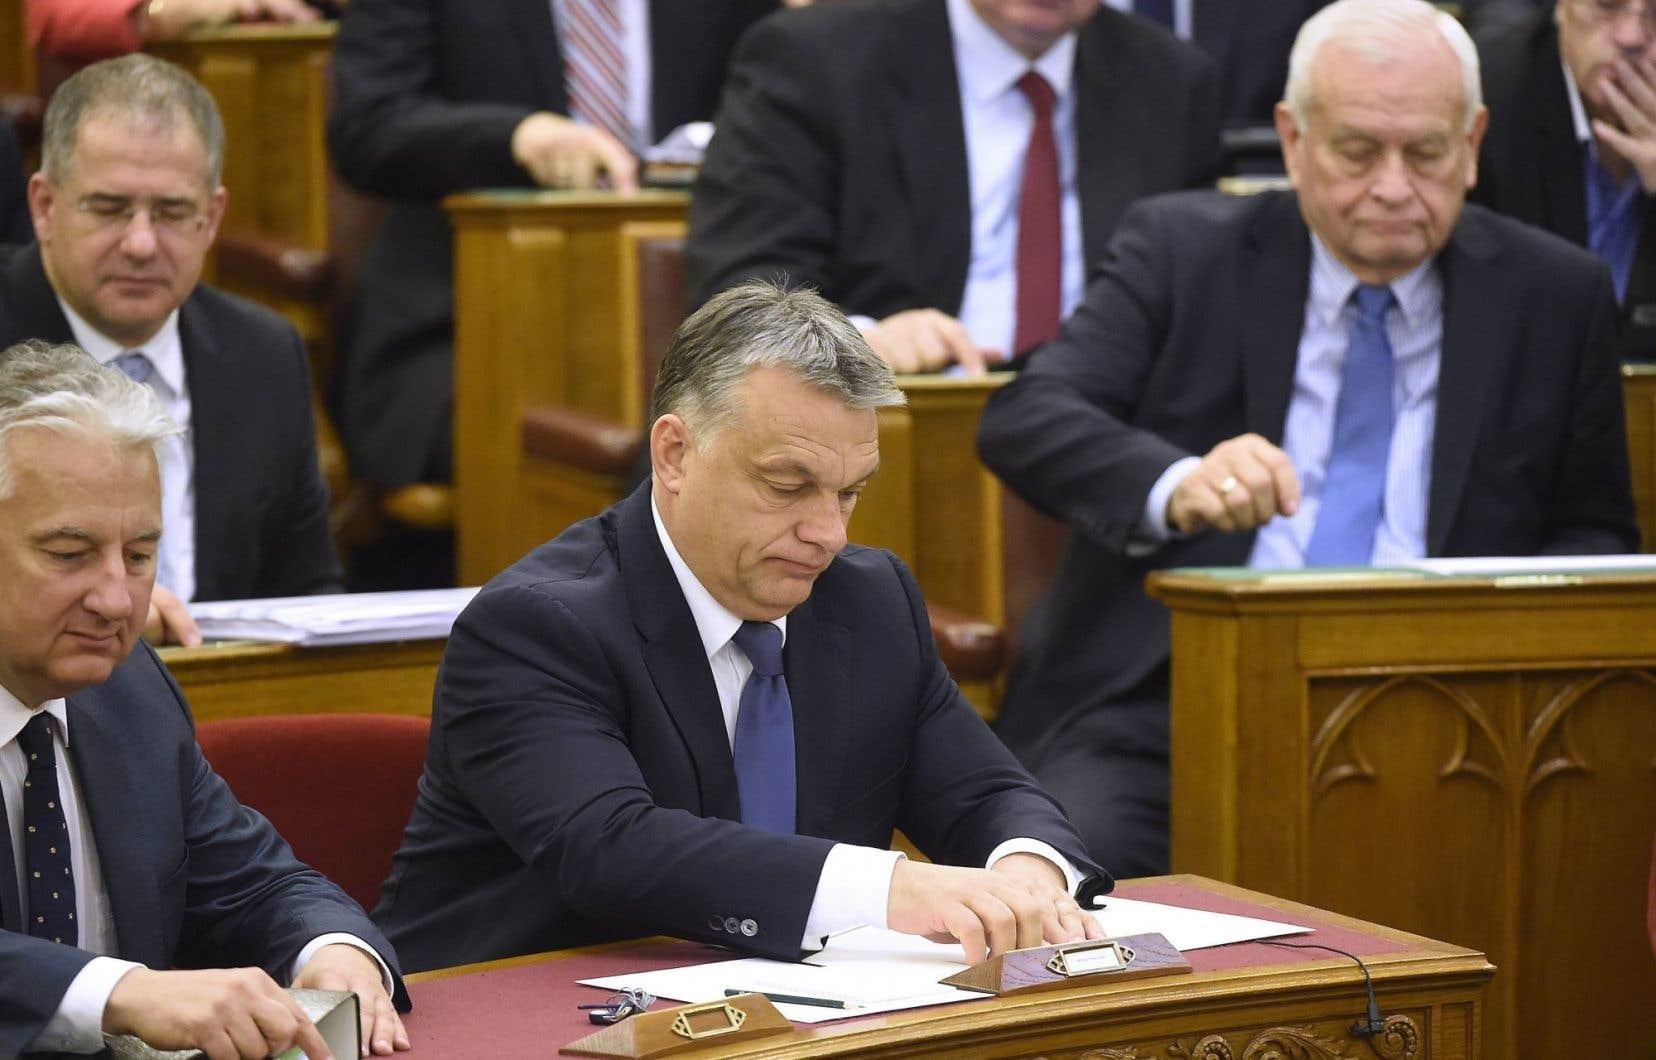 M. Orban a manqué de deux voix la majorité des deux tiers nécessaire pour faire passer ce texte rendant illégale la relocalisation par l'UE de réfugiés en Hongrie.